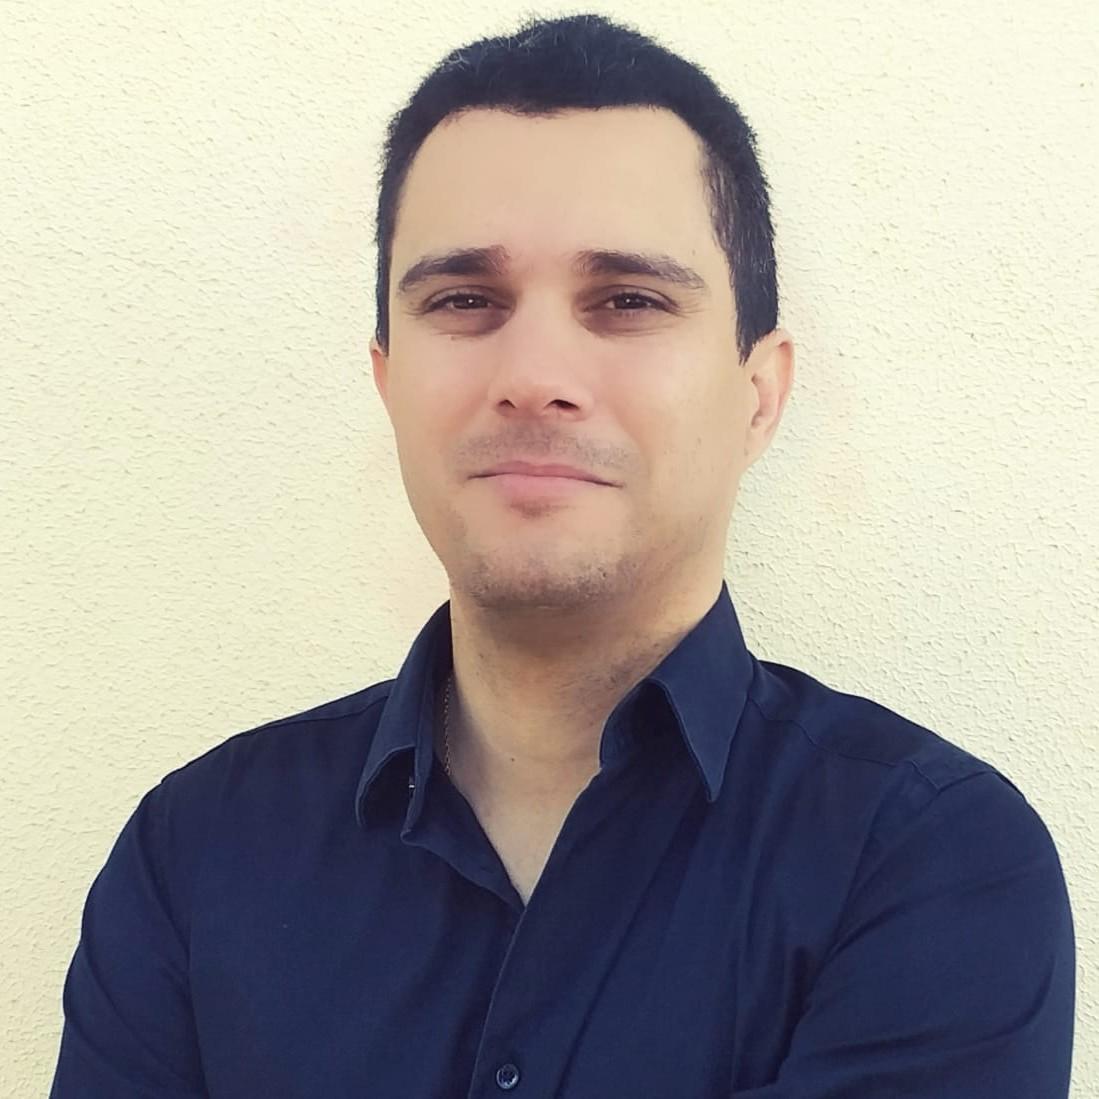 Maurício Antunes